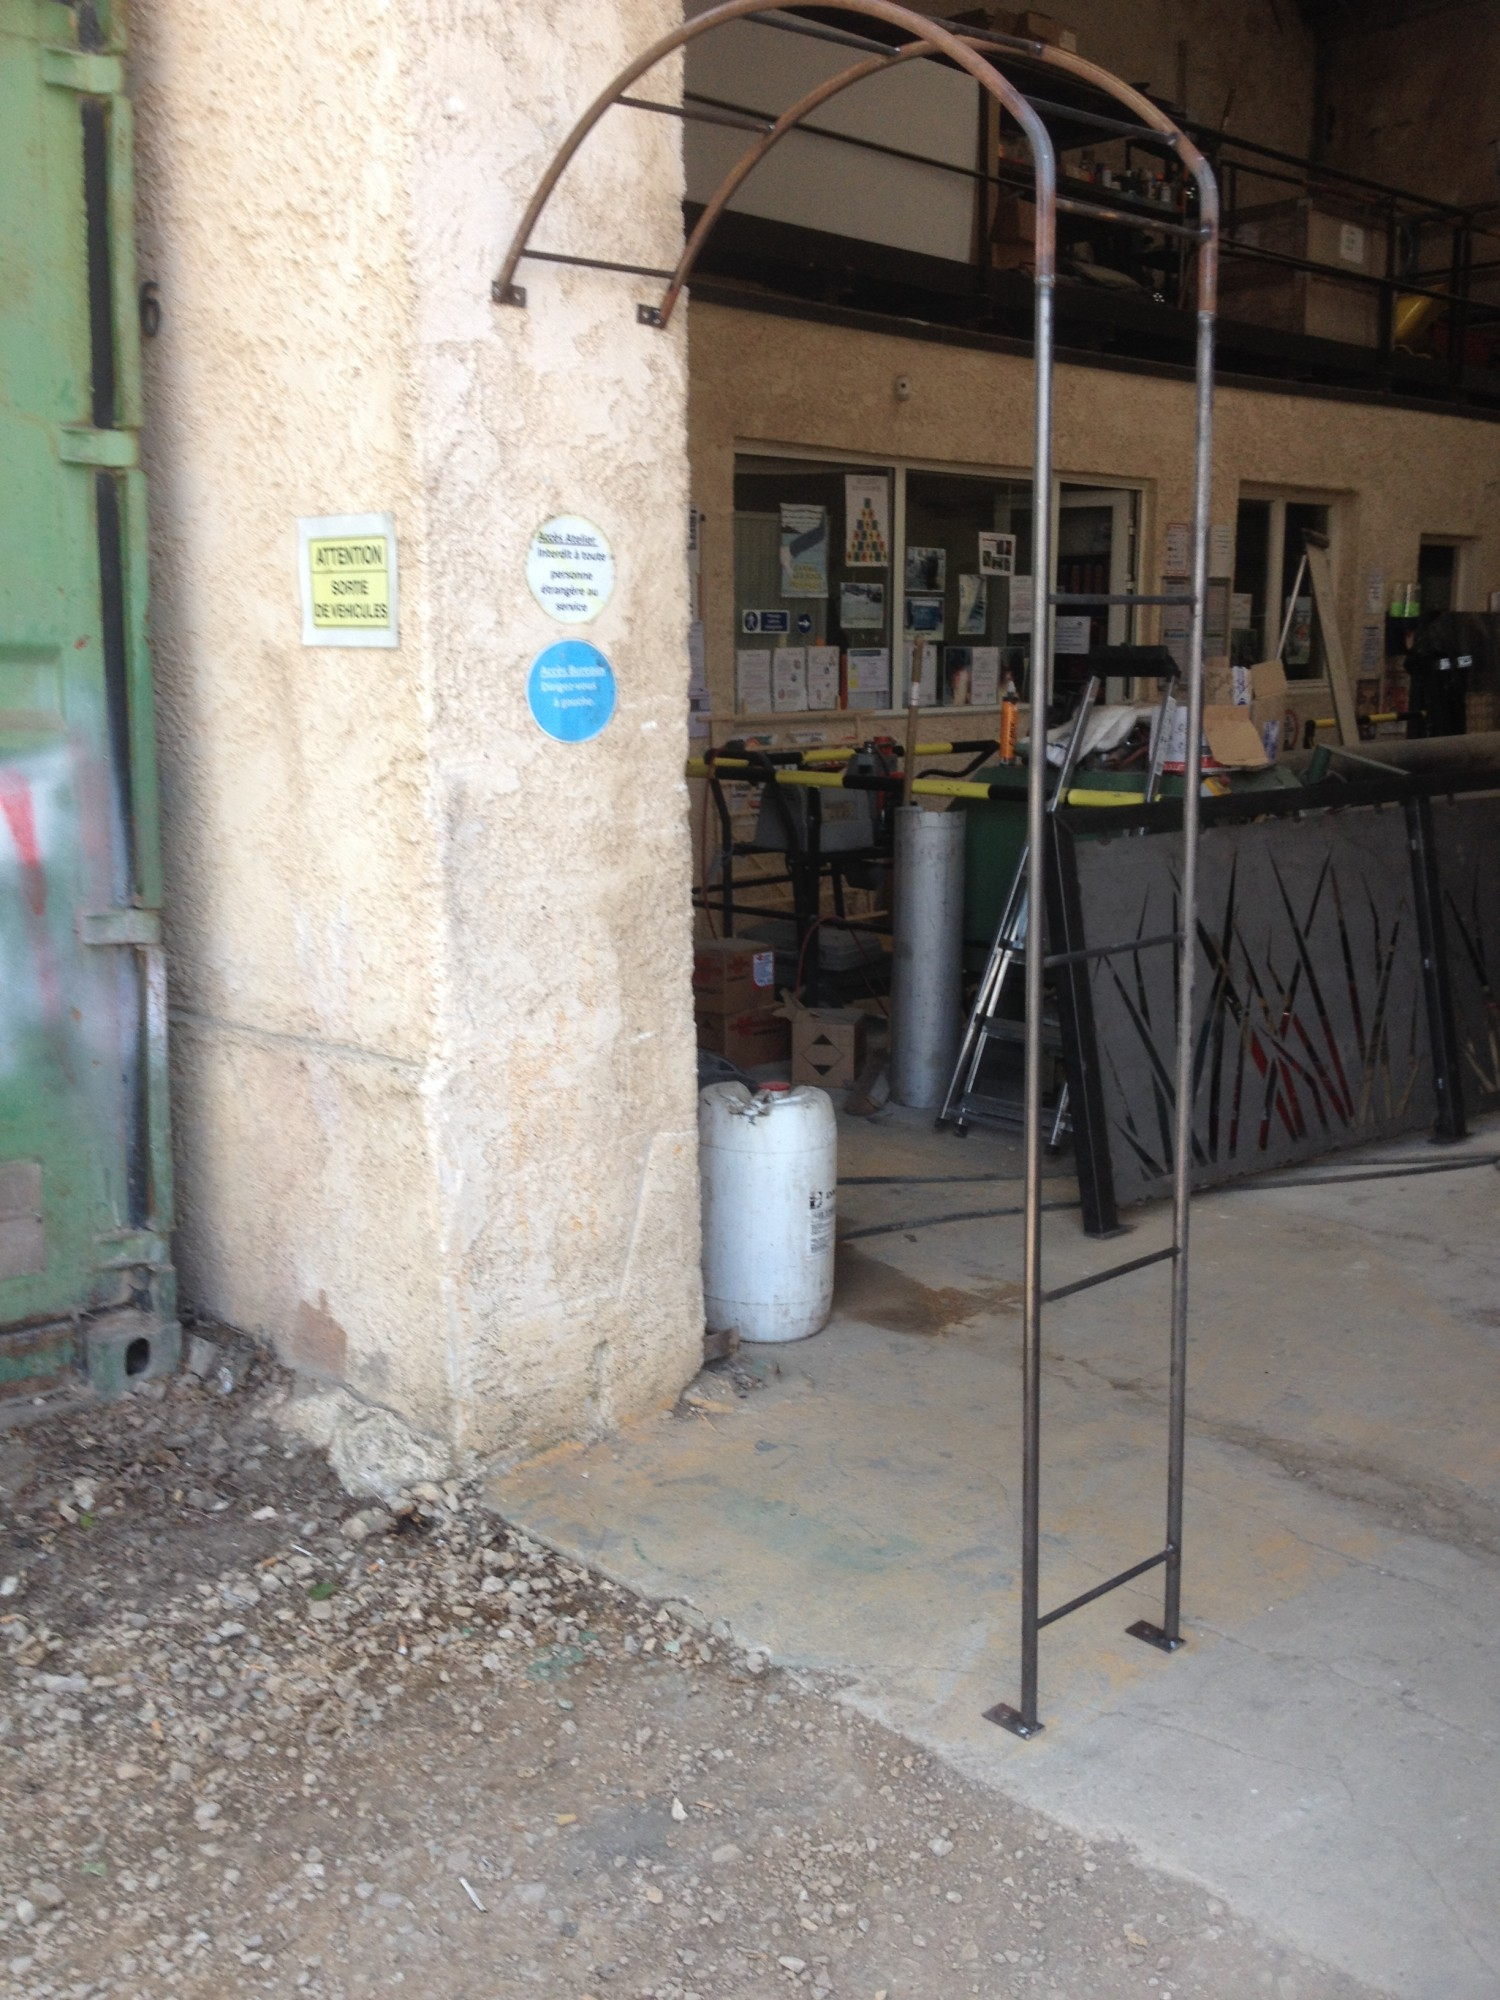 Arche De Jardin En Fer Forge A Martigues Fabrique Sur Mesure ... encequiconcerne Arche De Jardin En Fer